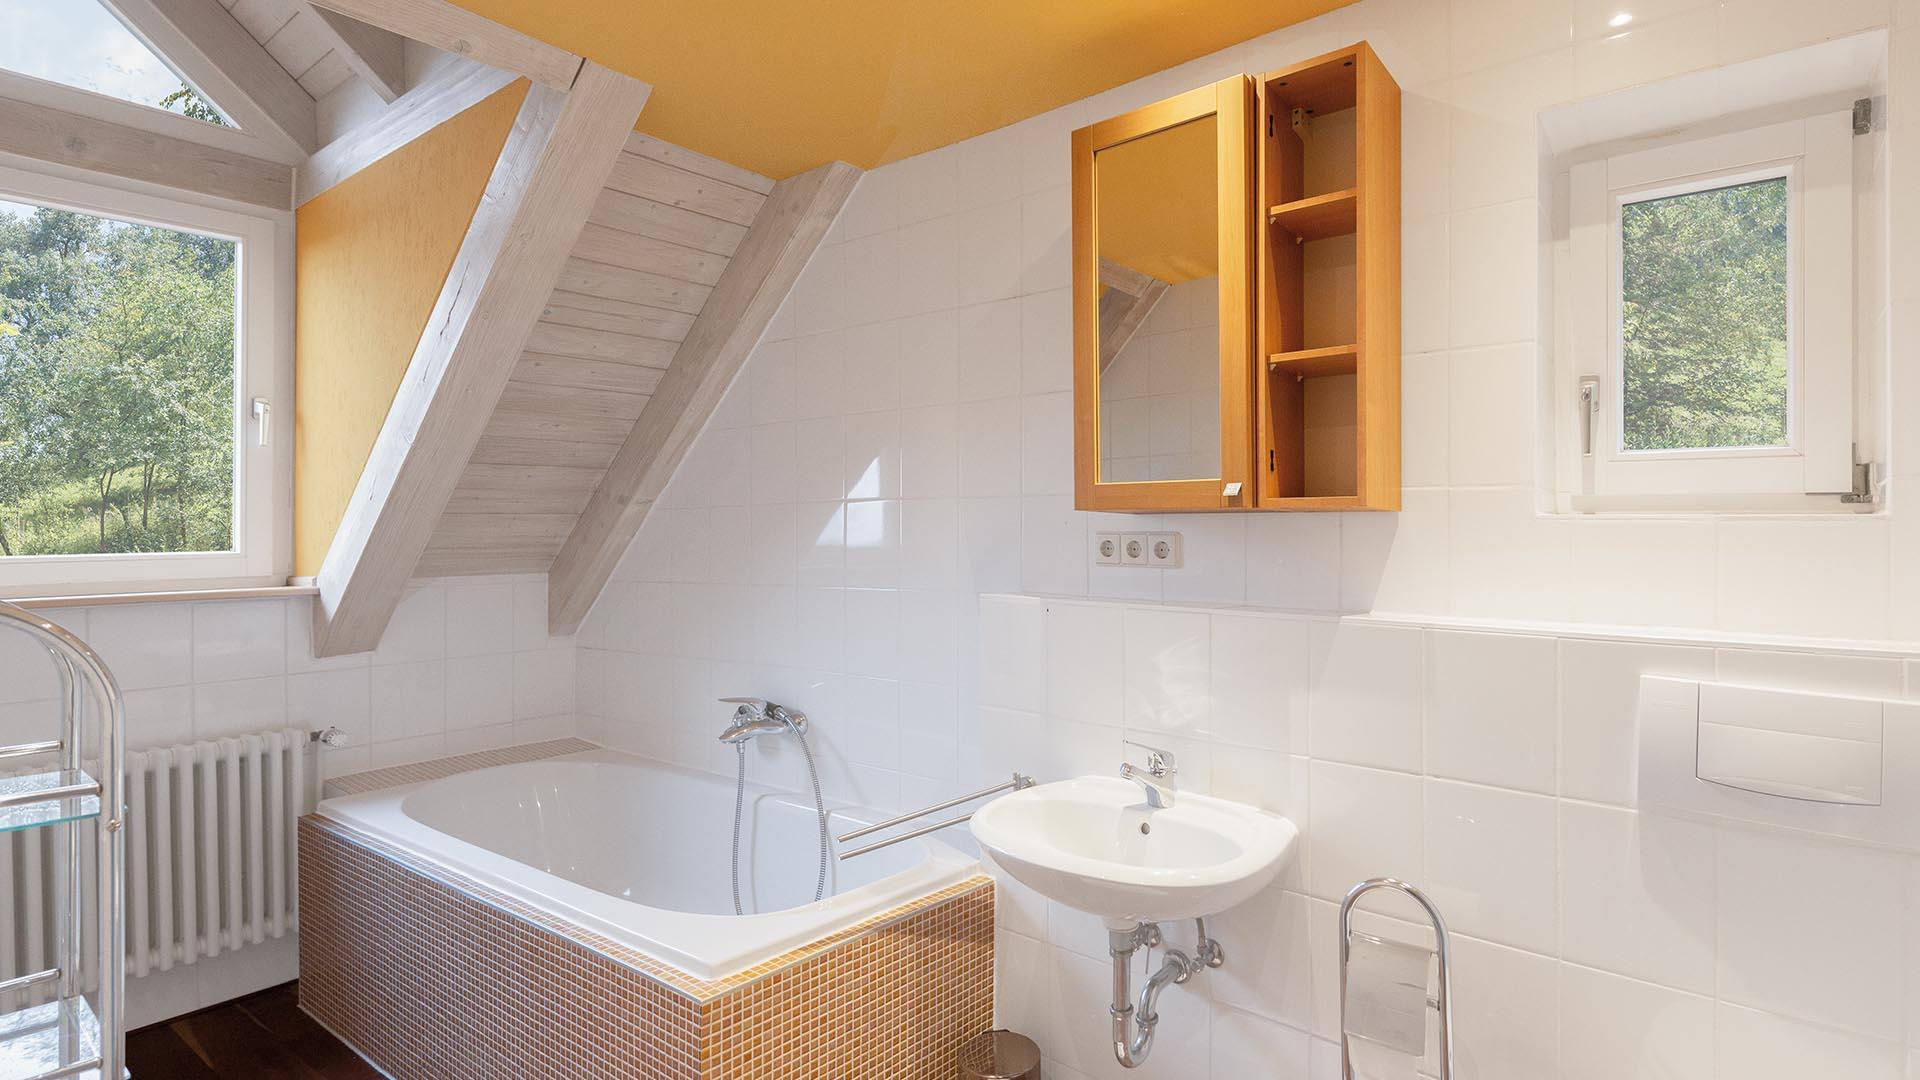 Ferienhaus am Schönwasen - Badezimmer Obergeschoss